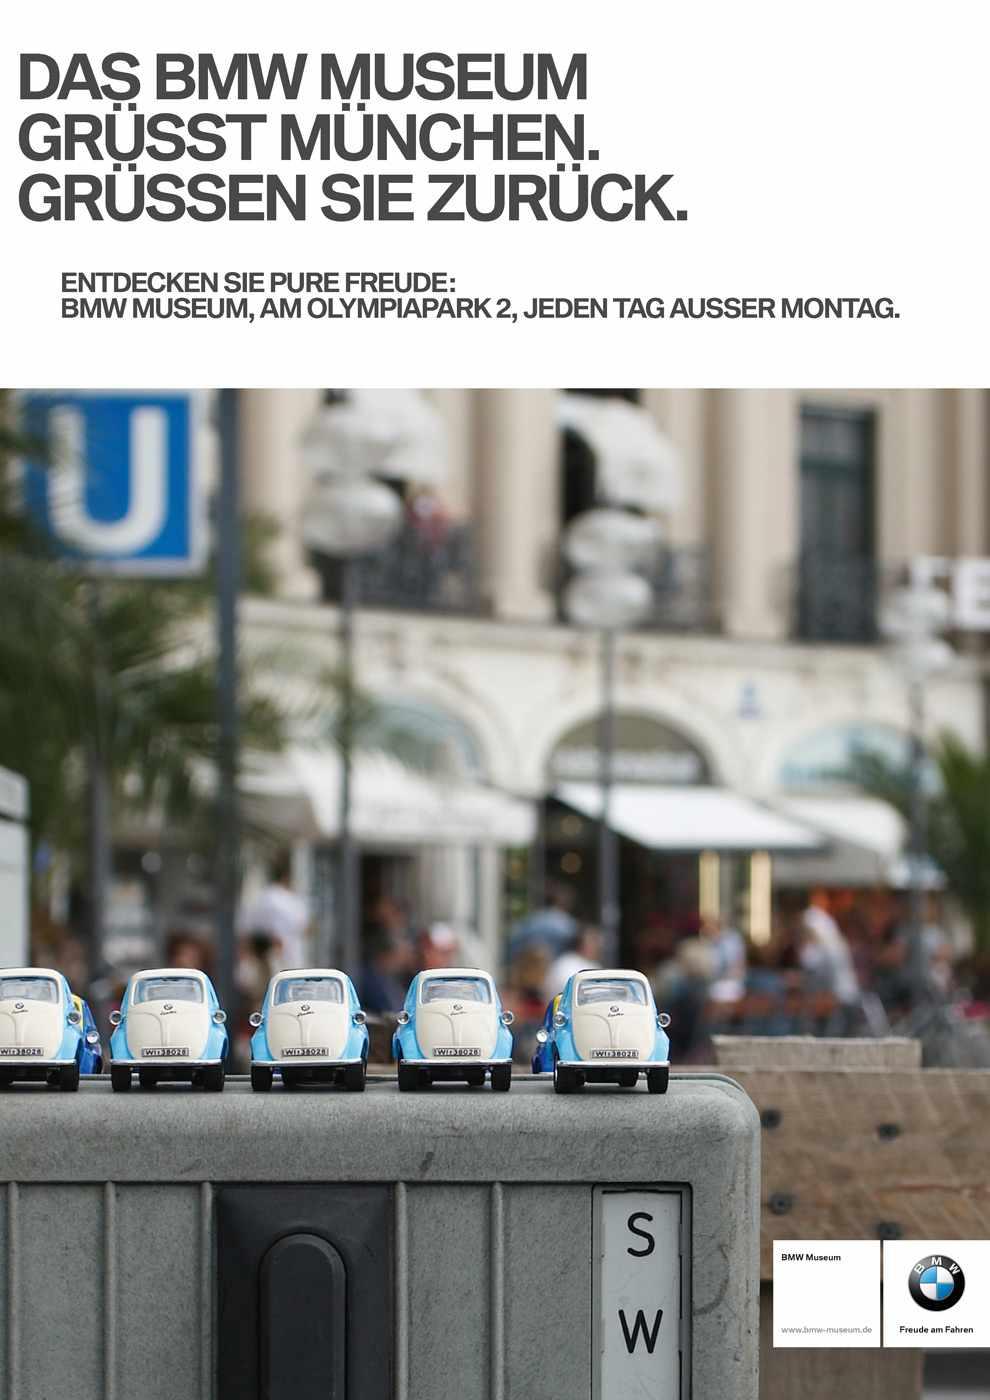 BMW-M-09-001-A1-Plakat-Endformat_Seite_3